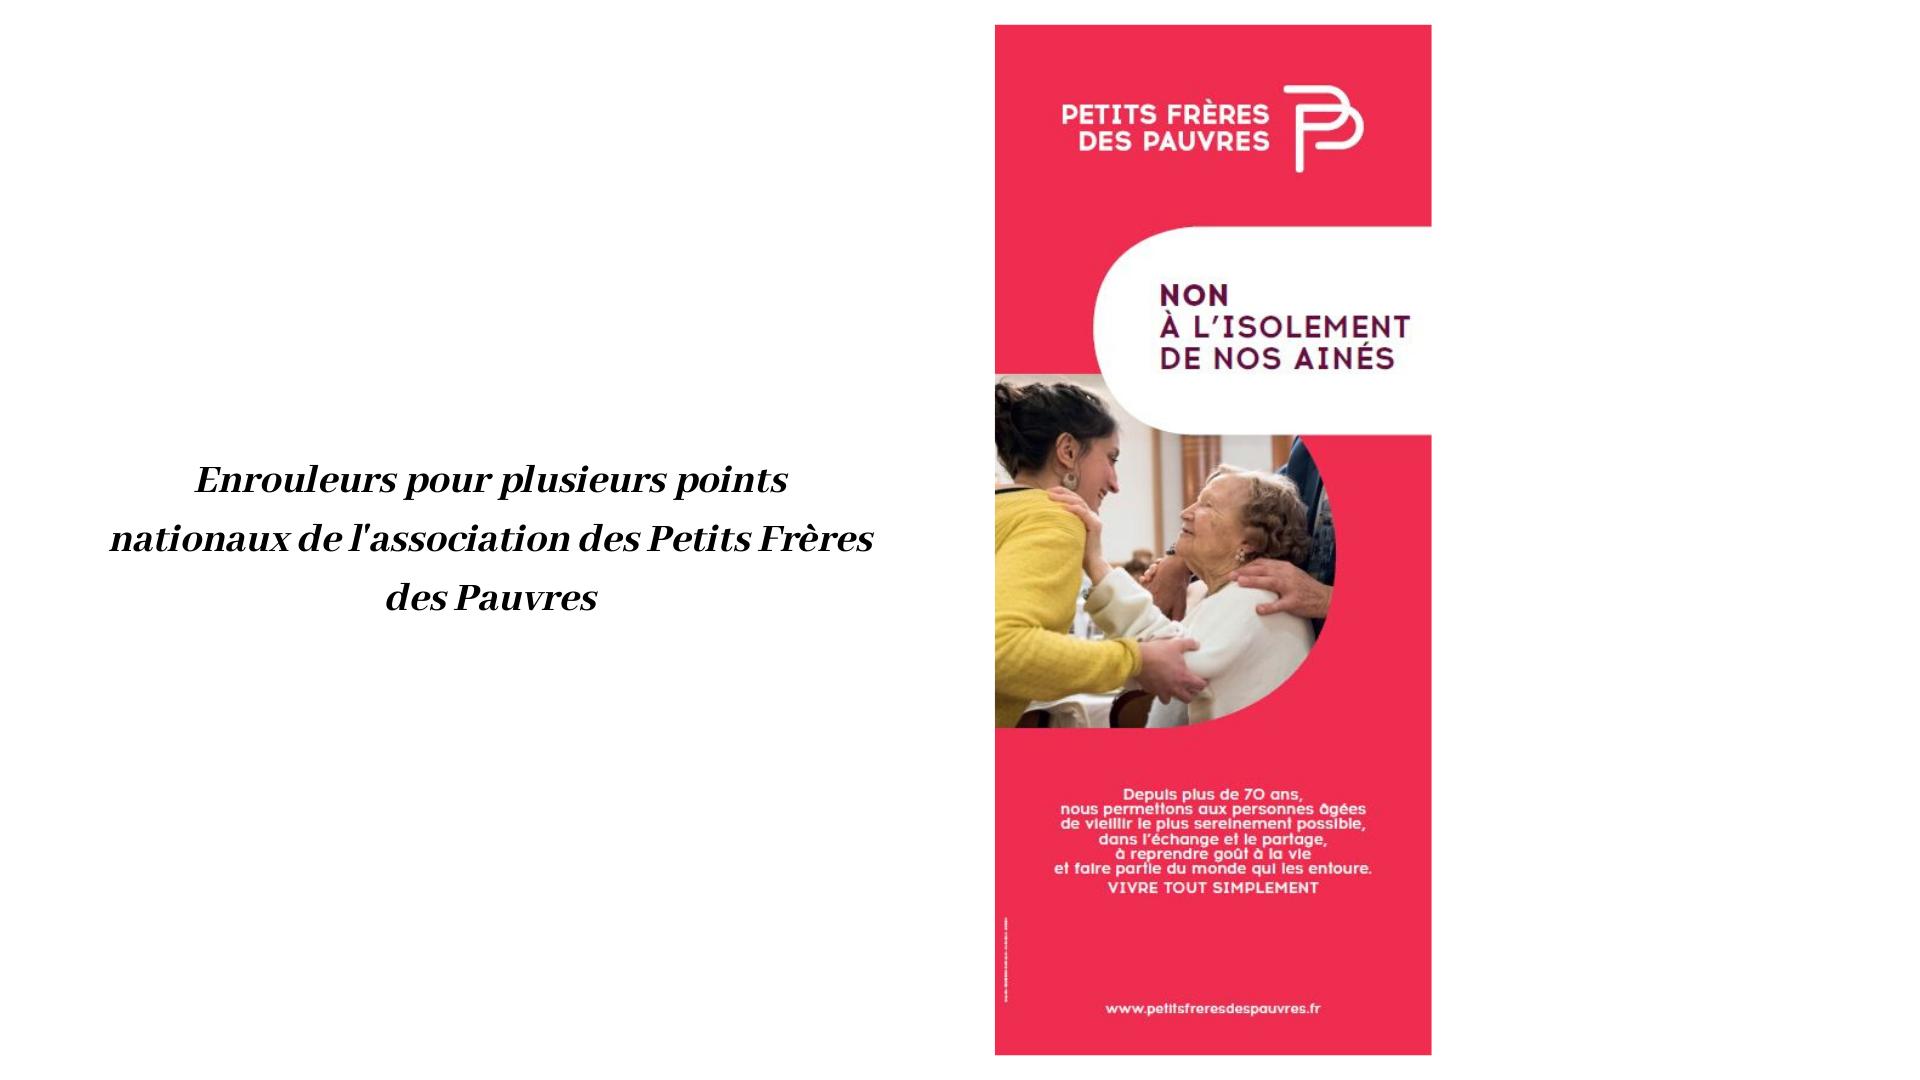 Réalisation Roudenn Paris (3)